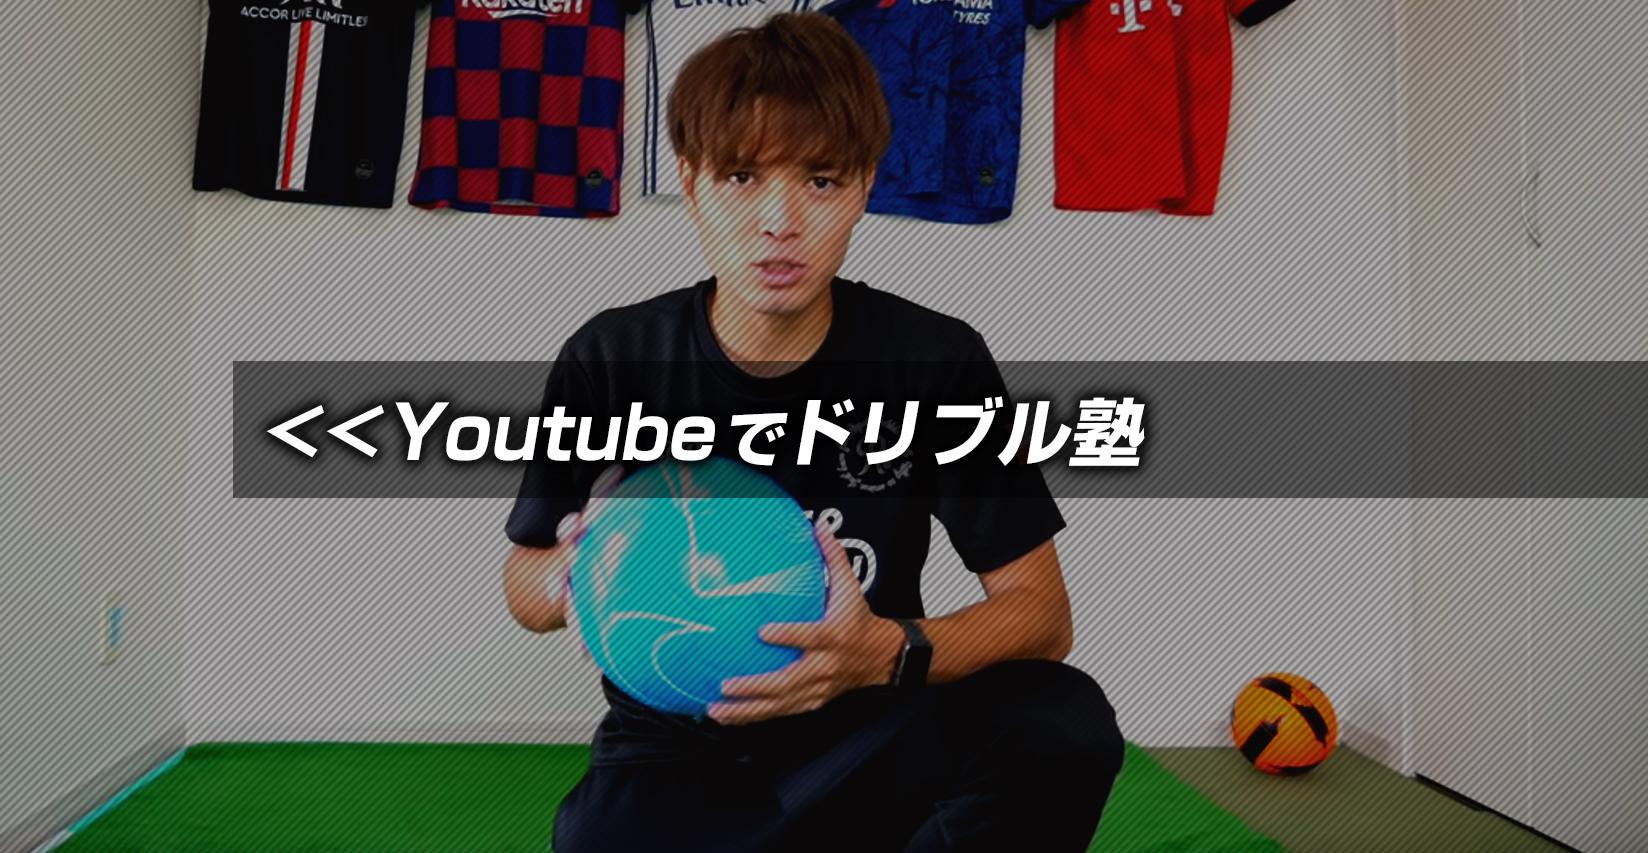 YoutTubeでドリブル塾